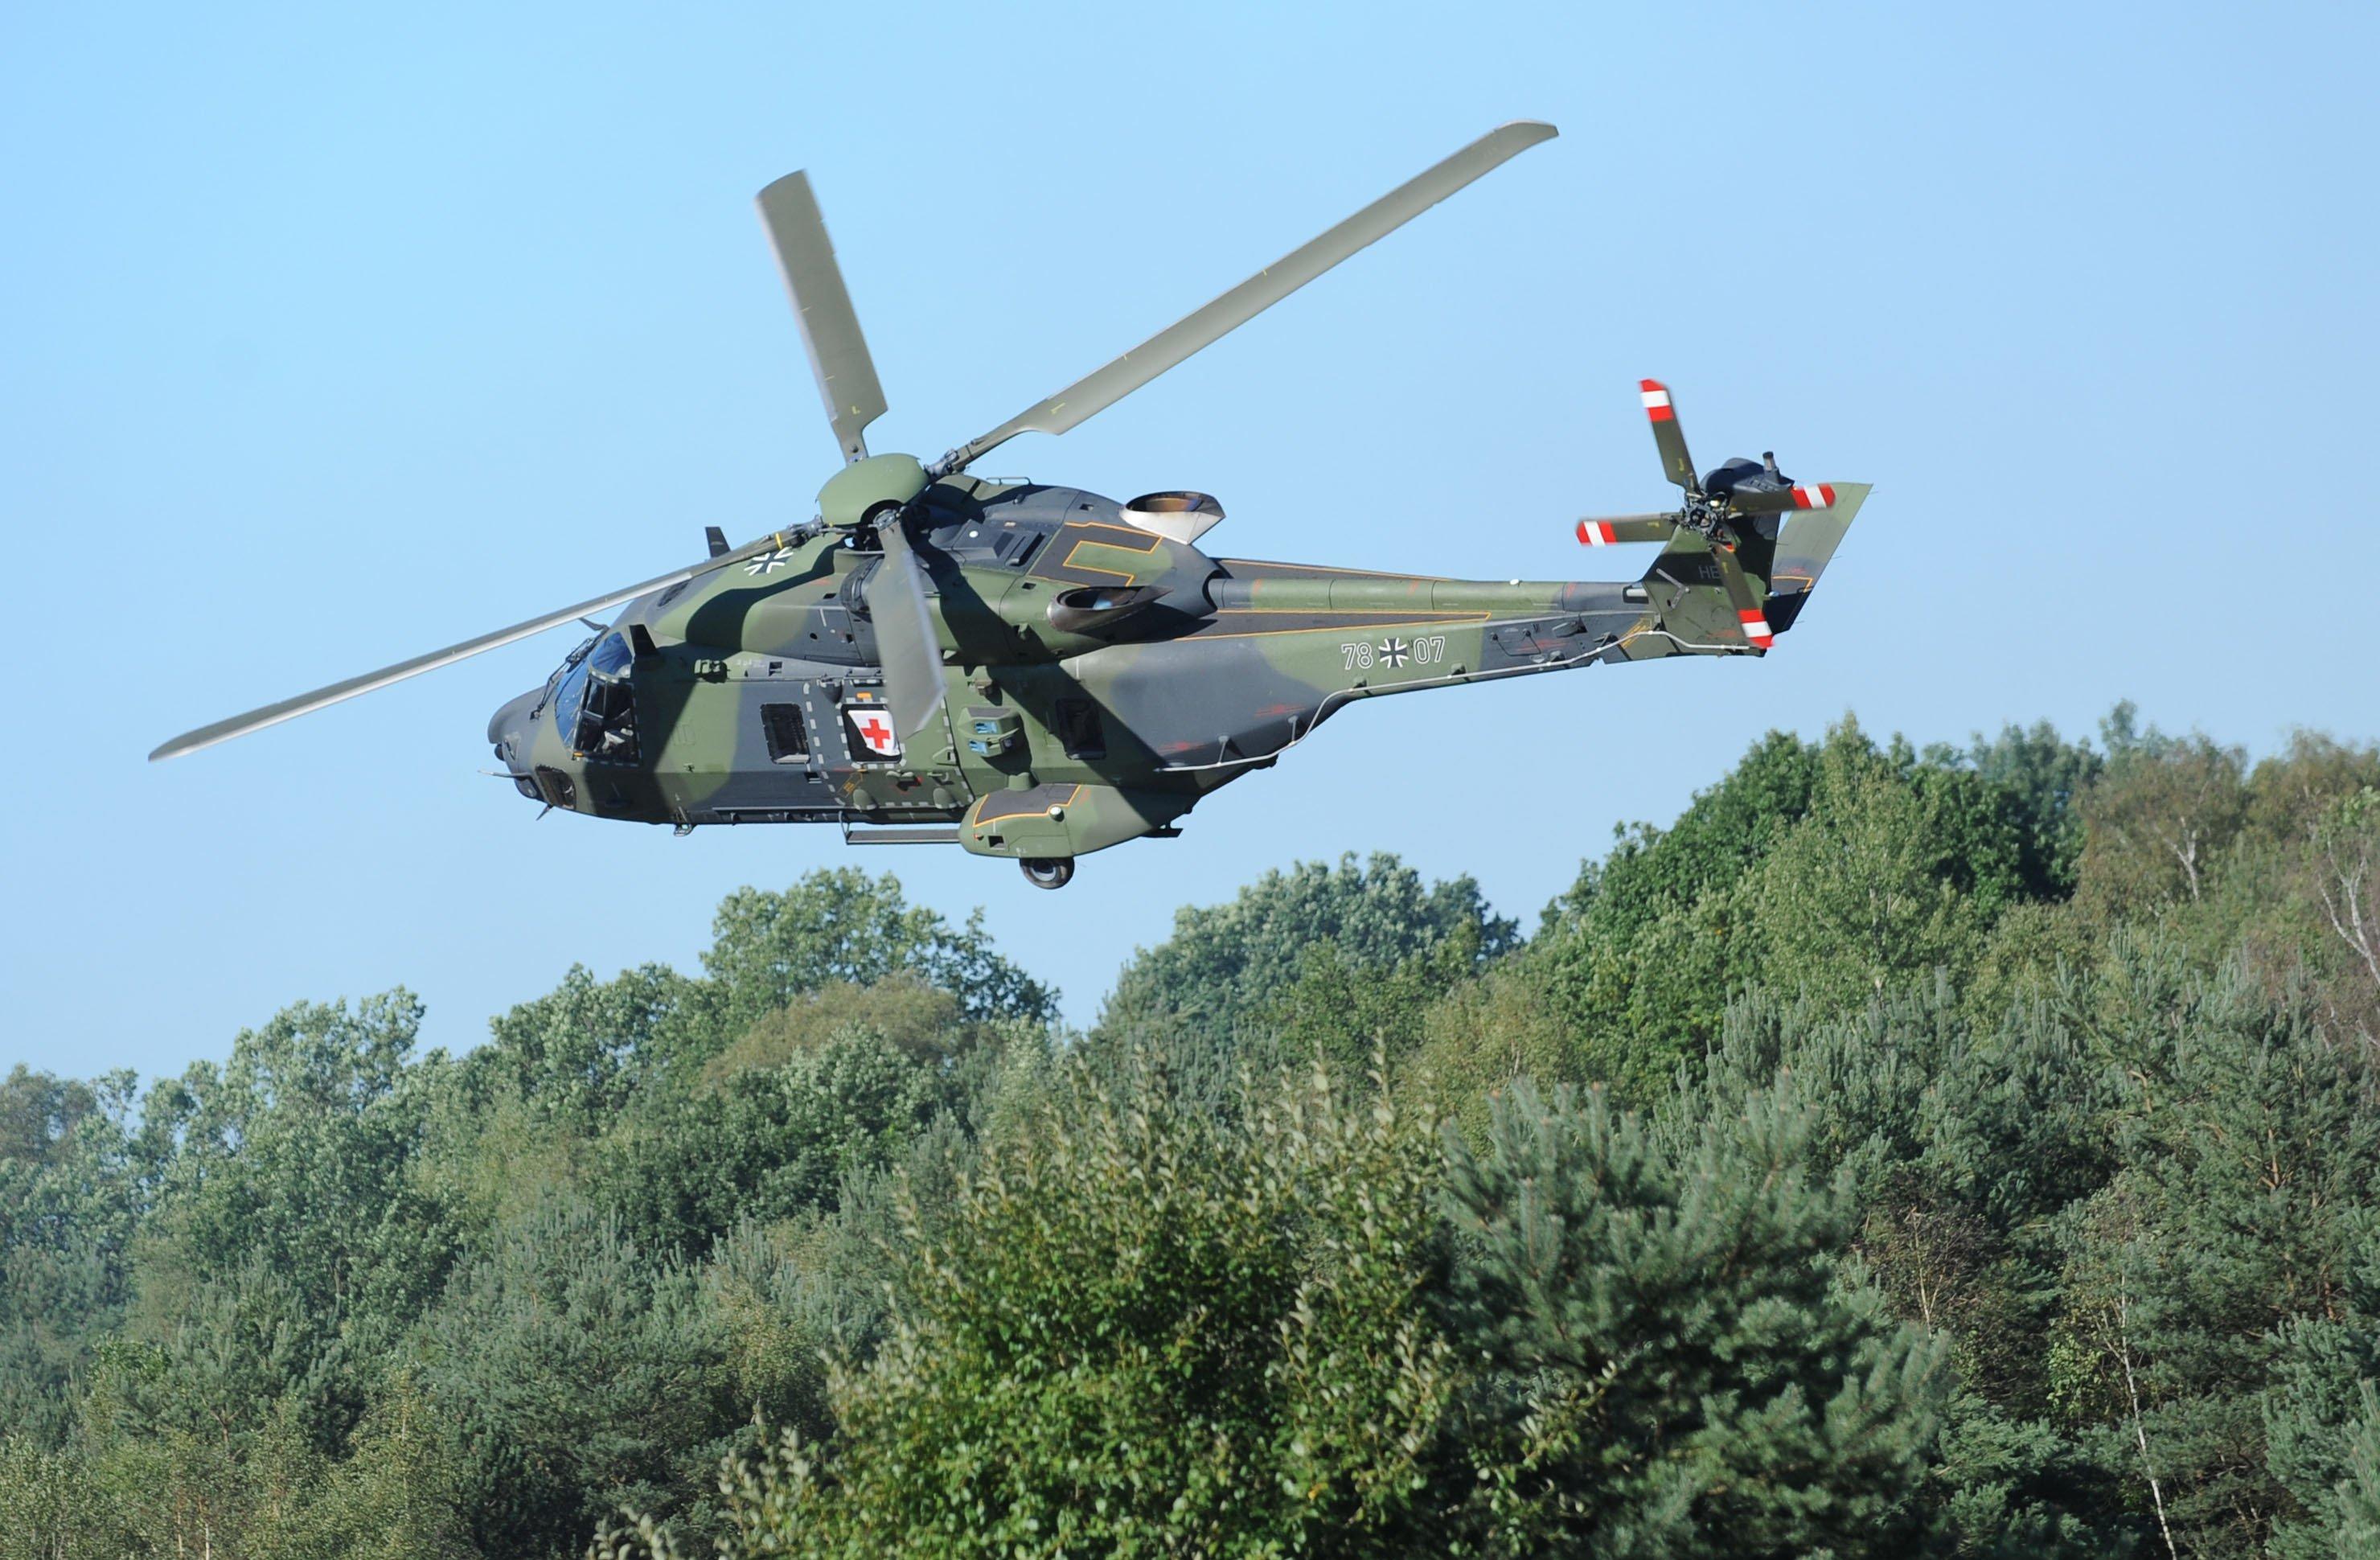 Weltweit sind schon 19 Triebwerkausfälle bekannt. Die Bundeswehr hatte den Flugbetrieb des NH90 vorläufig beendet, 14 Tage später allerdings wieder aufgenommen.